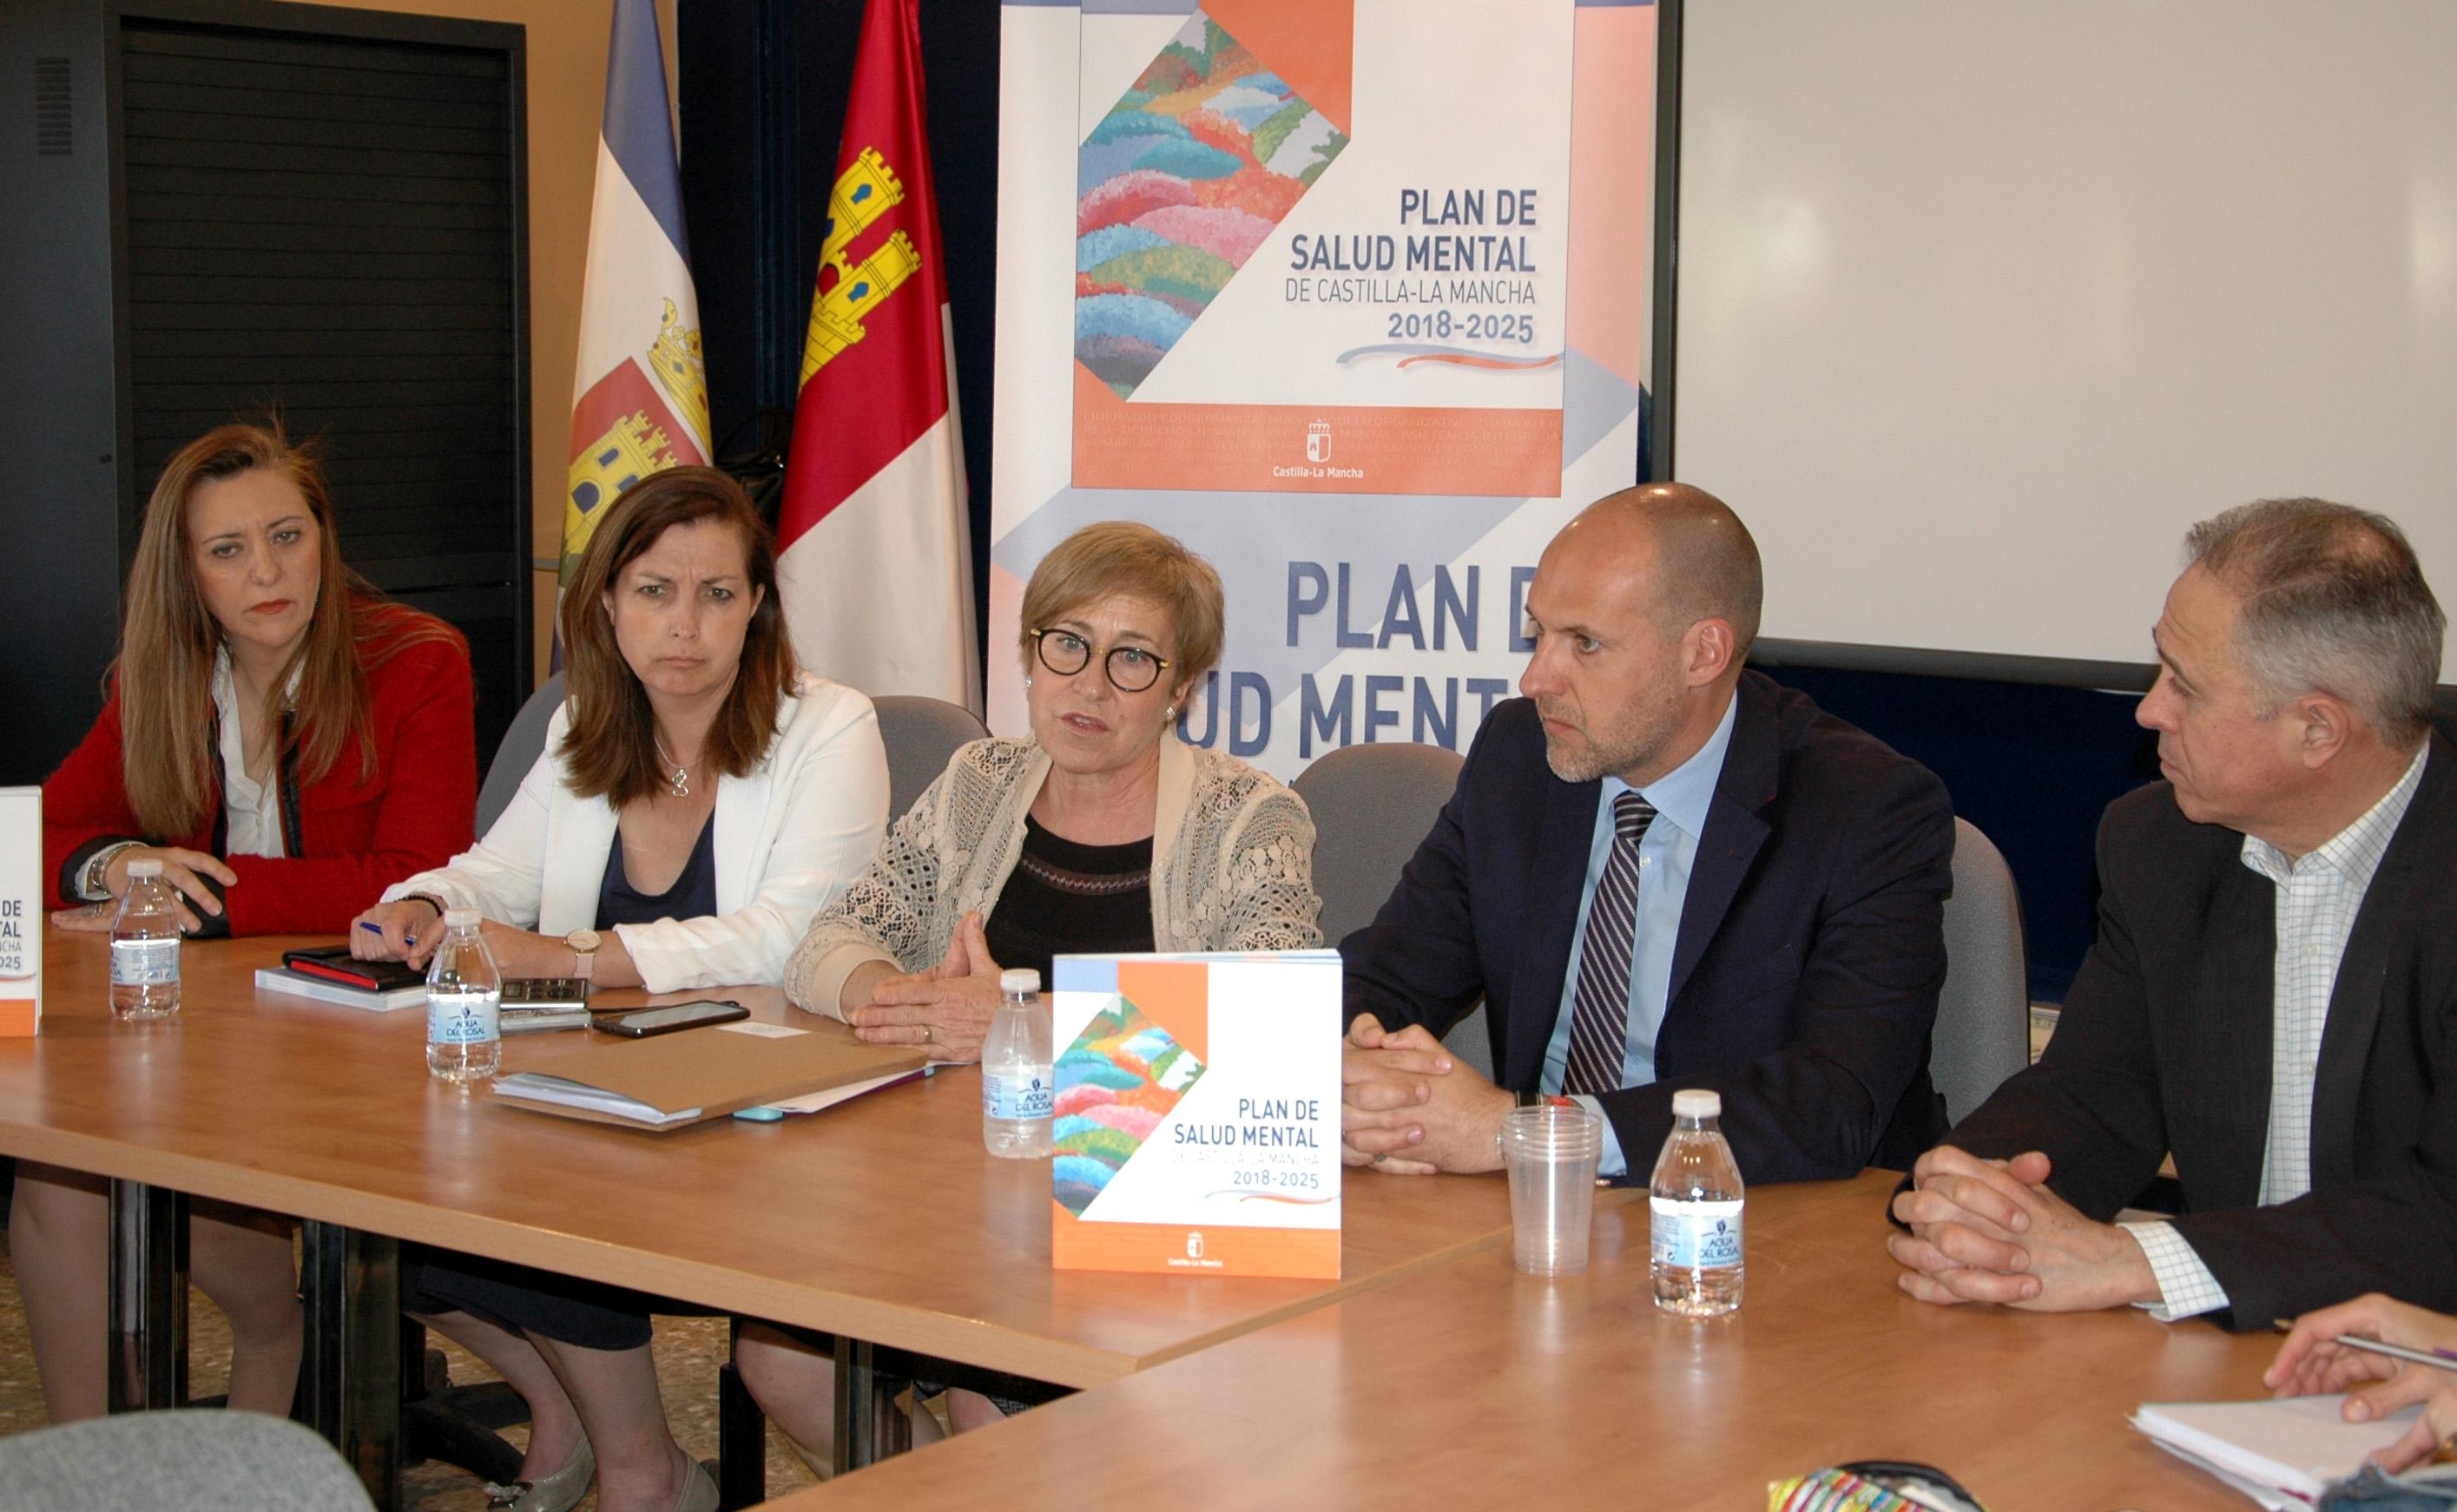 El nuevo Plan de Salud Mental incluye el incremento de la dotación de recursos y la puesta en marcha de nuevos programas asistenciales específicos